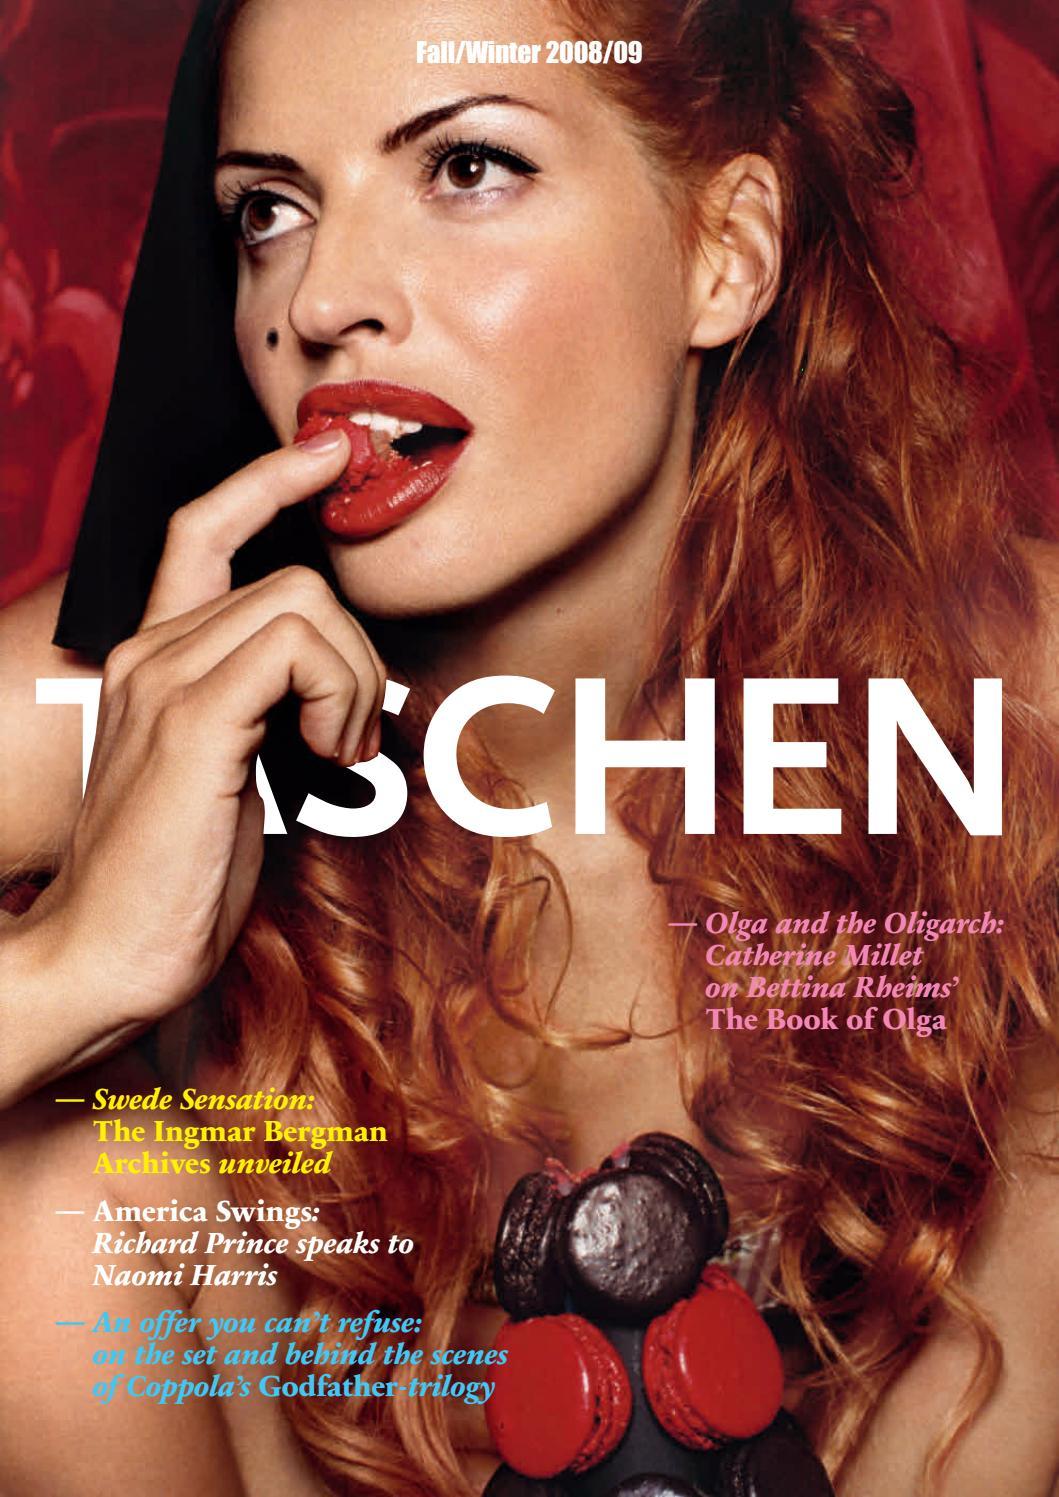 TASCHEN Magazine Fall/Winter 2008/09 by TASCHEN - issuu